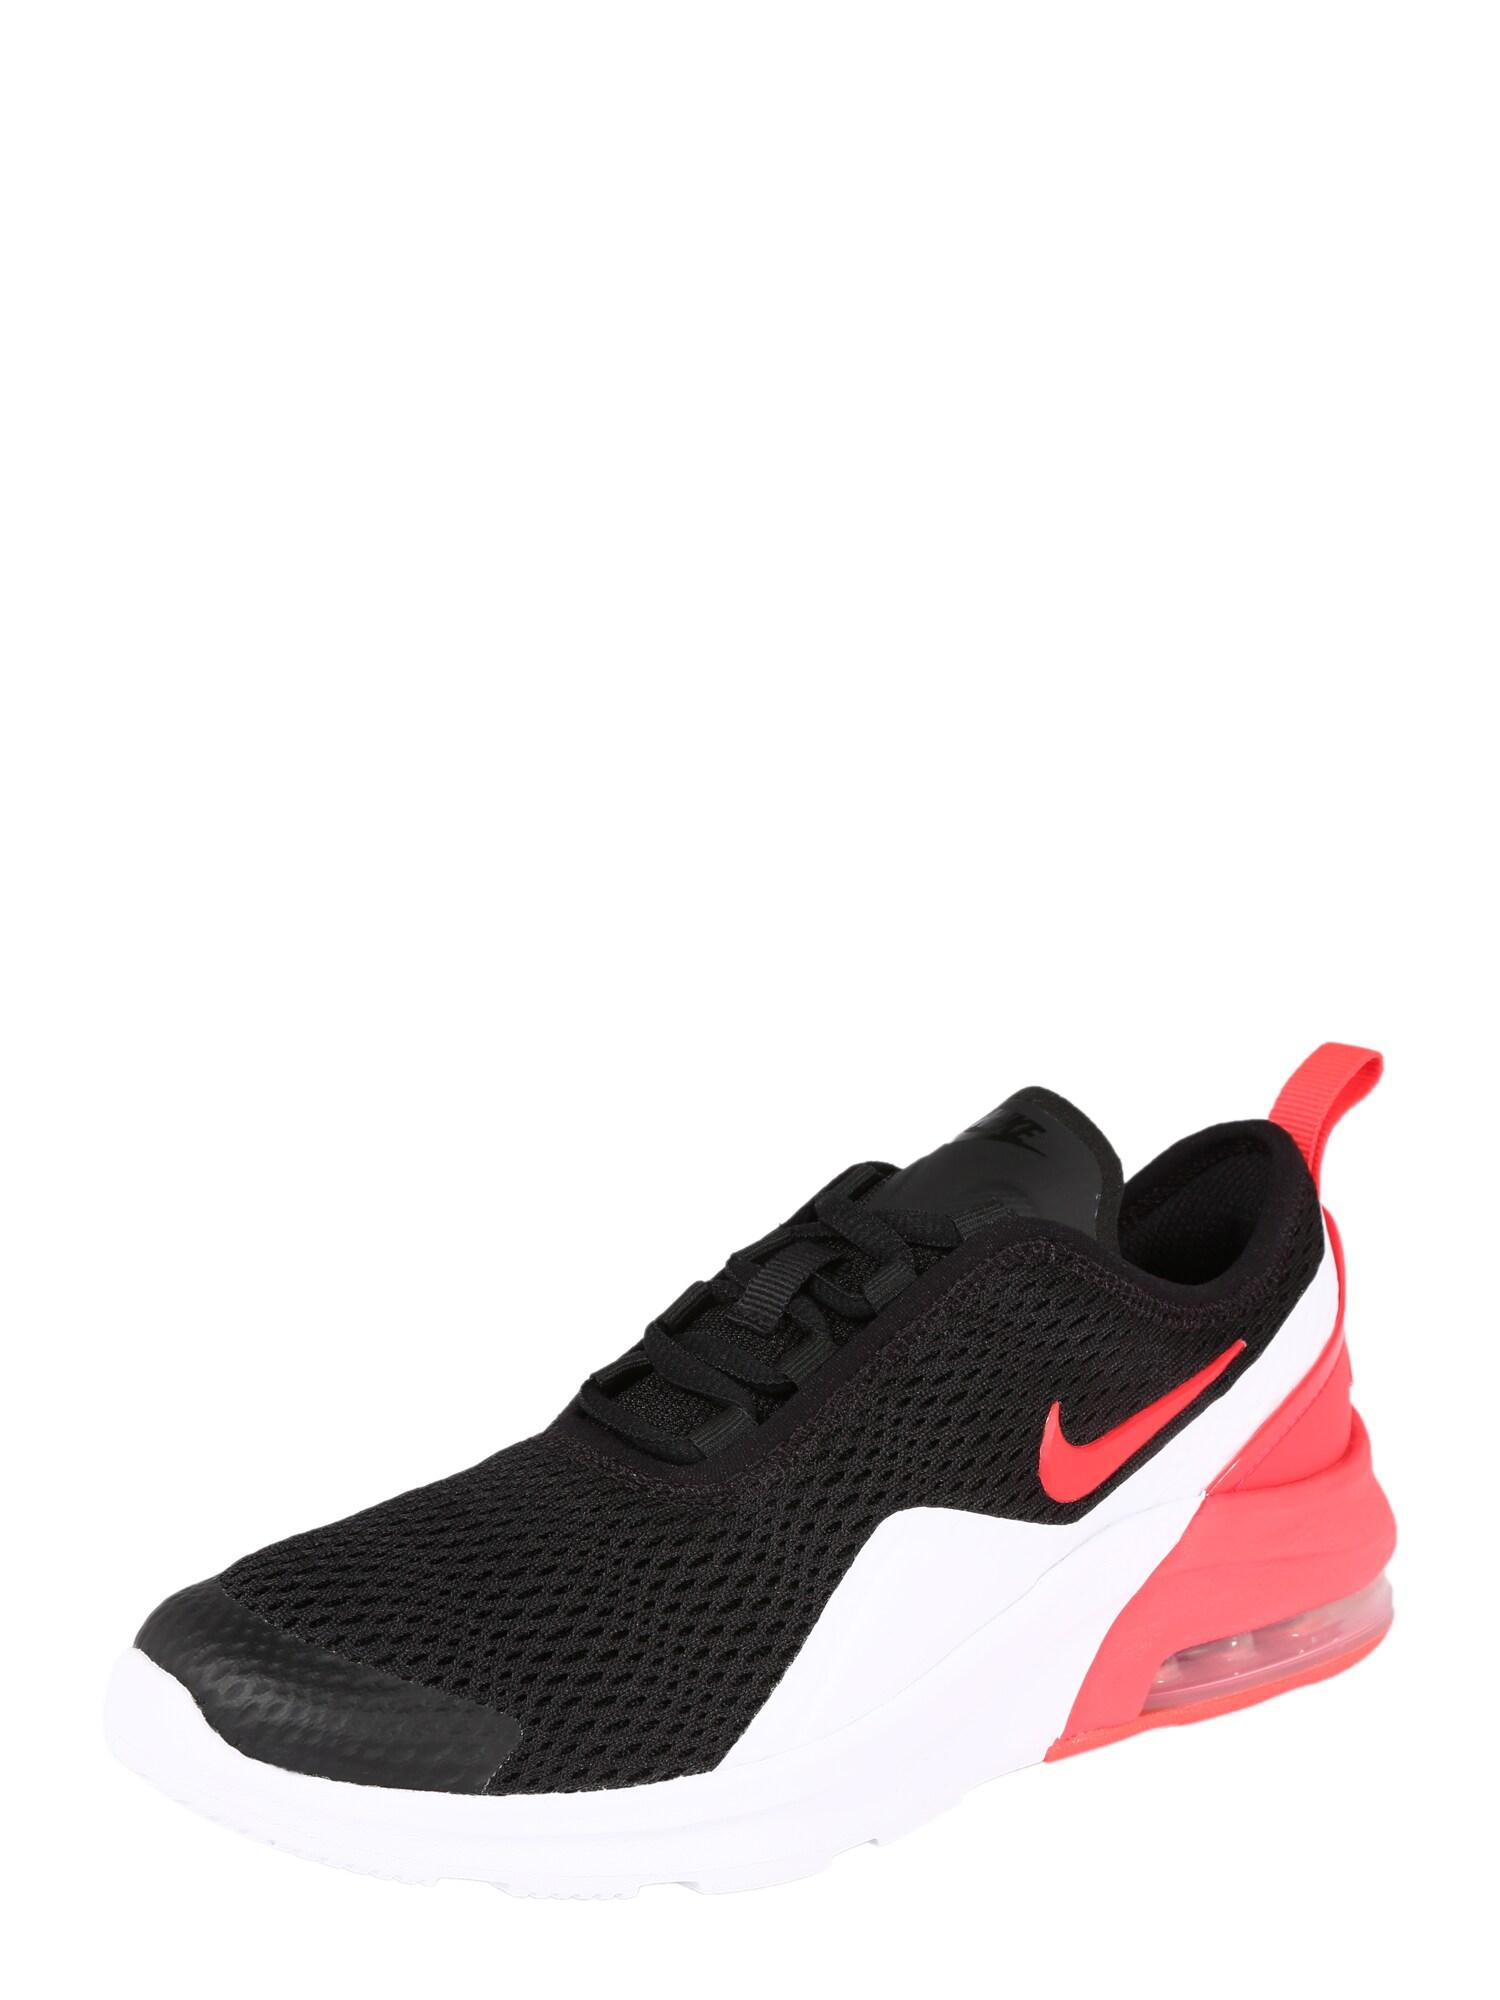 Tenisky Air Max Motion 2 červená černá bílá Nike Sportswear